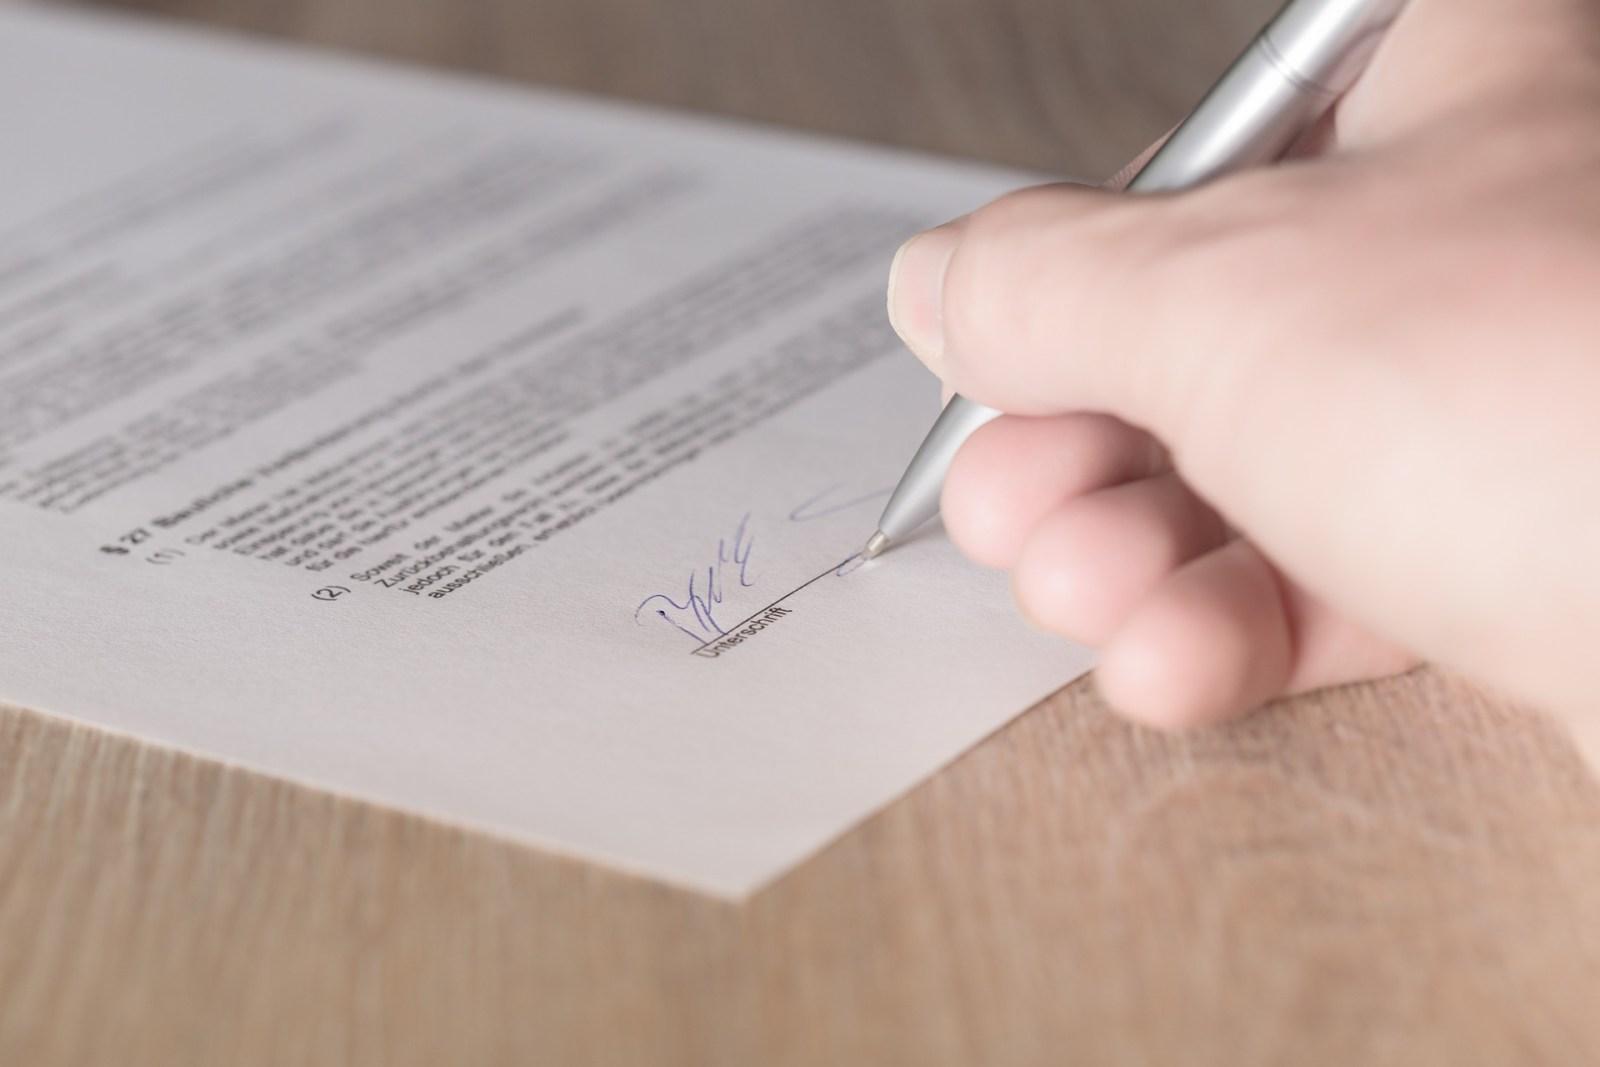 Certificado de Profesionalidad ADGN0210 Mediación de seguros y reaseguros privado y actividades auxiliares gratis